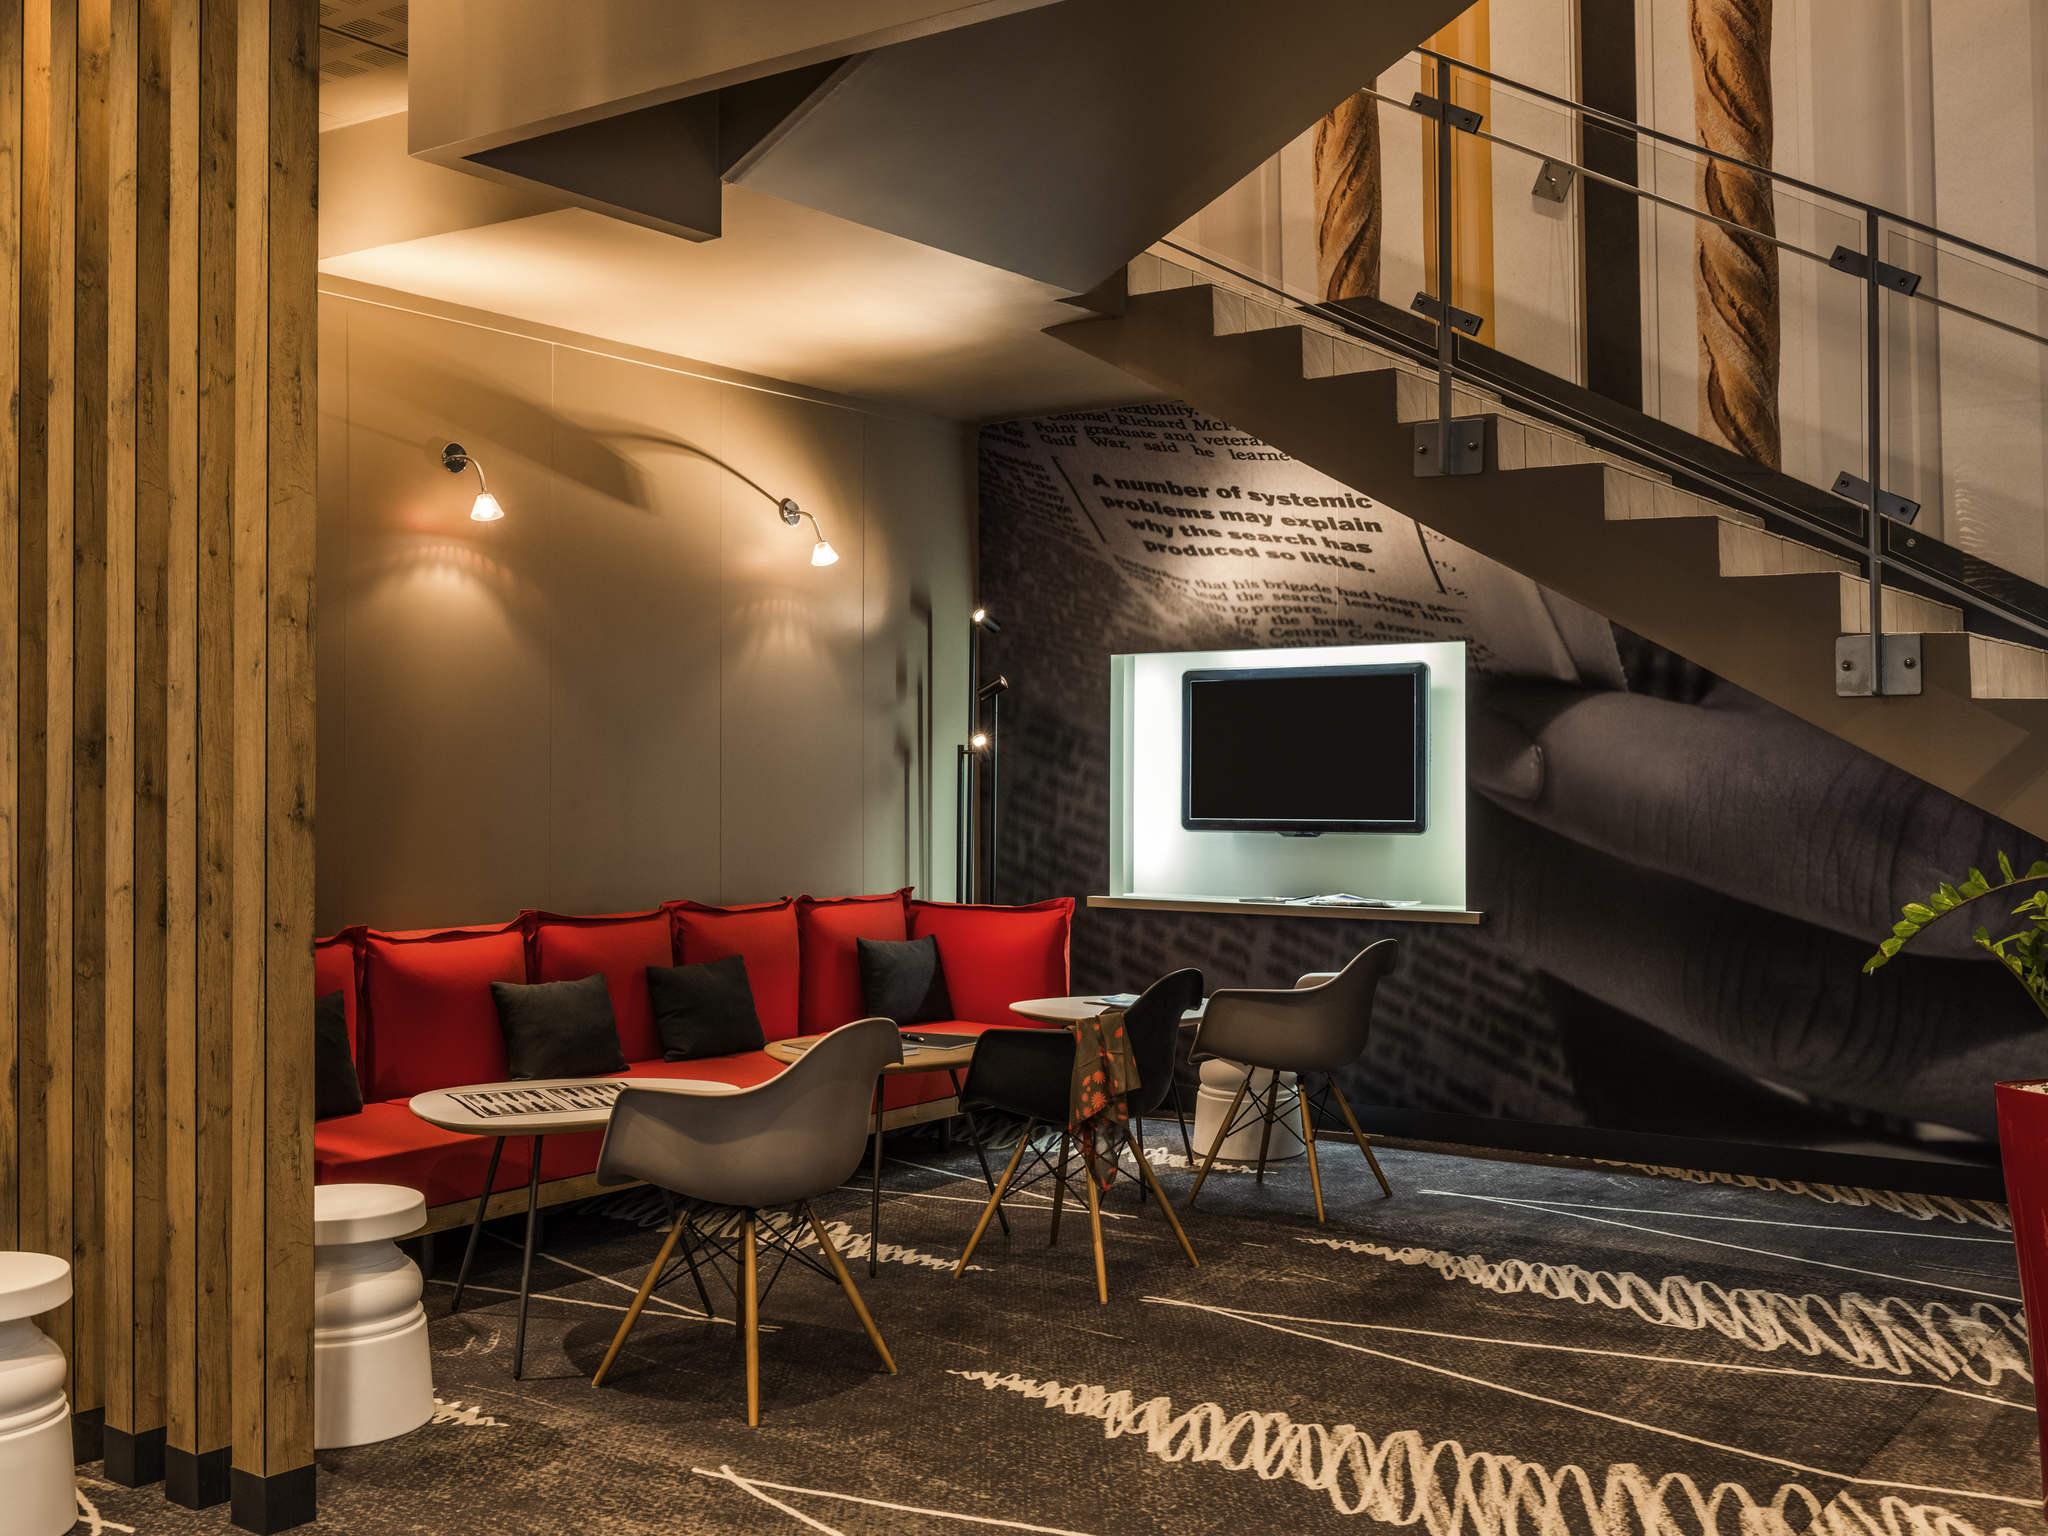 فندق - إيبيس ibis باريس مونمارتر الدائرة الثامنة عشرة